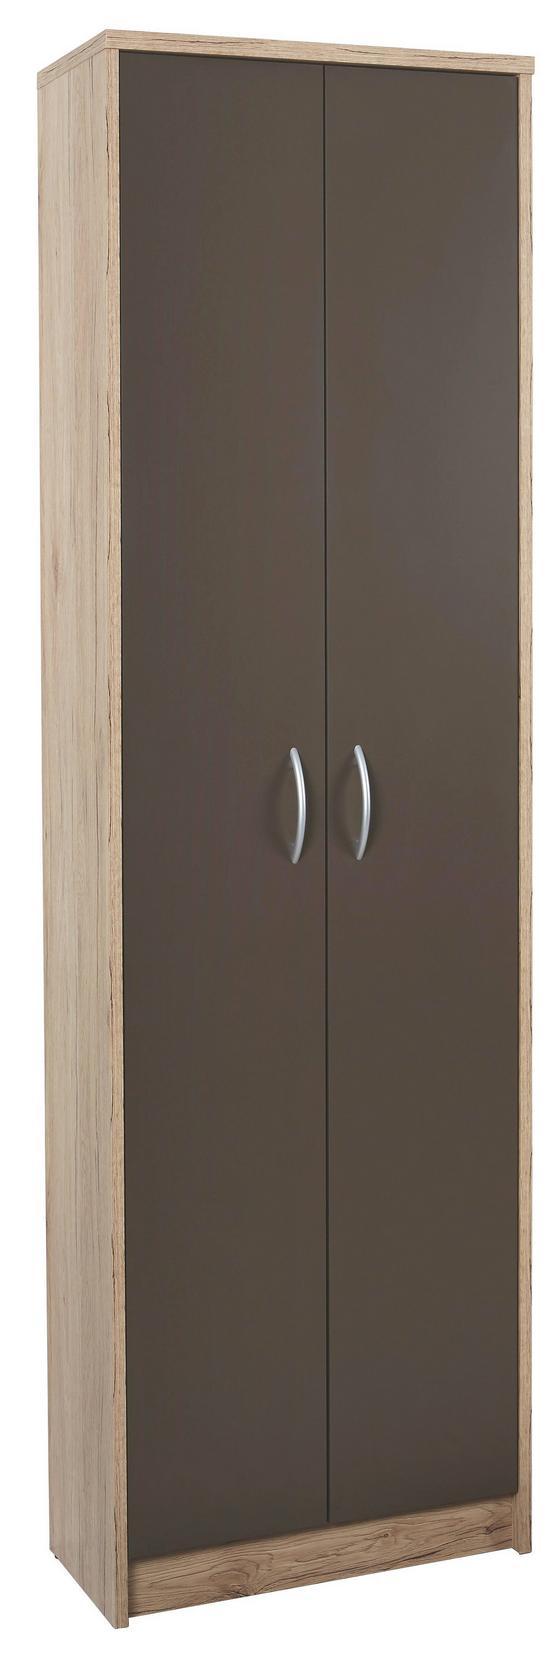 Šatná Skriňa Iza - farby dubu/hnedá, Konvenčný, kompozitné drevo (55/190/26cm)